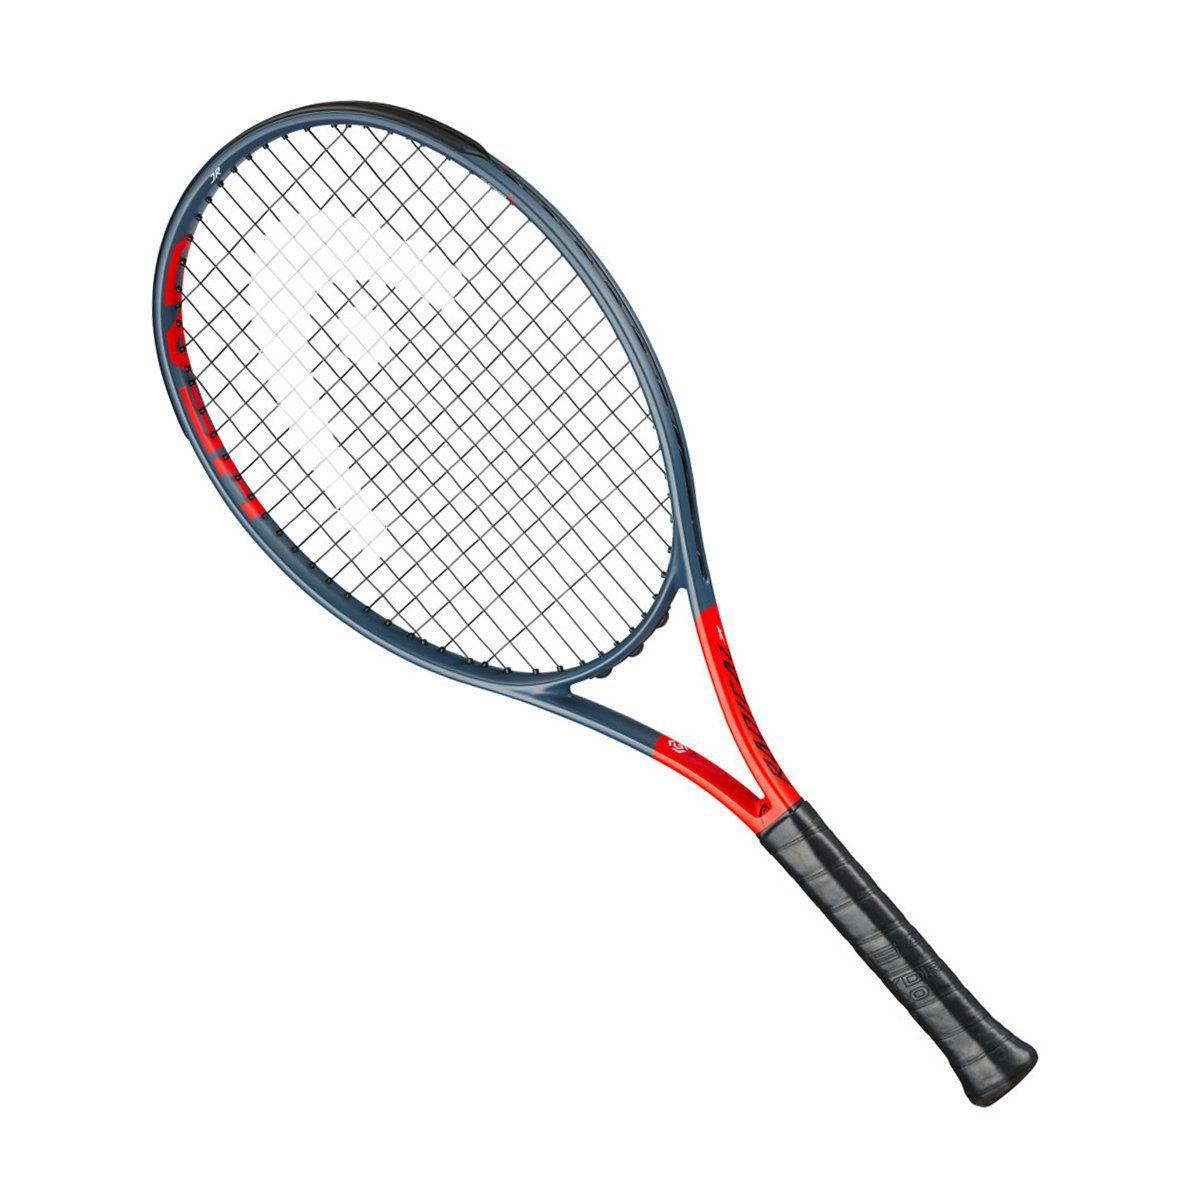 Raquete de Tênis Infantil Head Graphene 360 - Radical JR